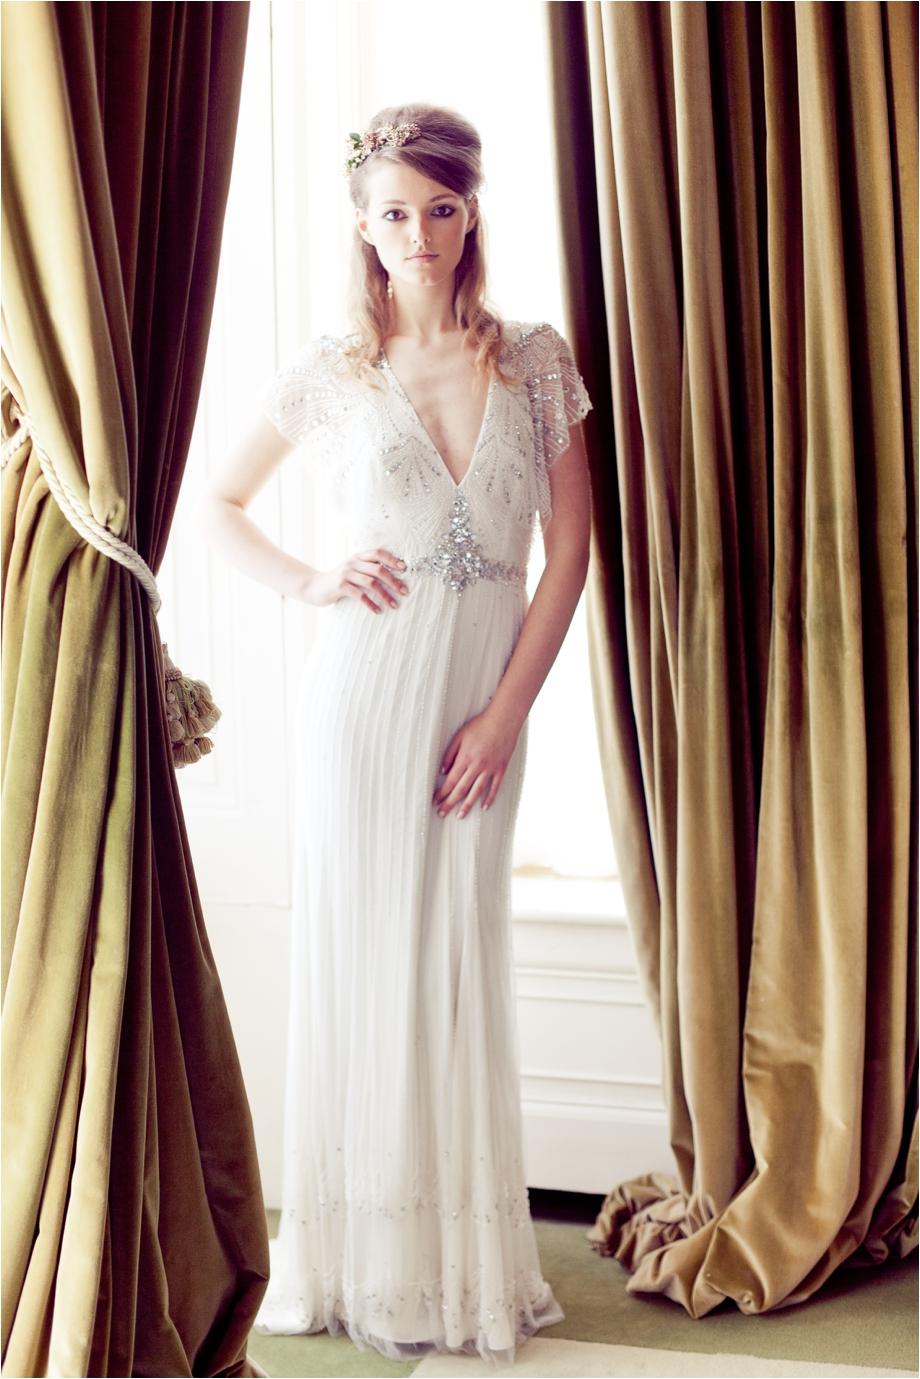 173_eddie-judd-photography-miss-bush-bridal-debutantes_8115_FB